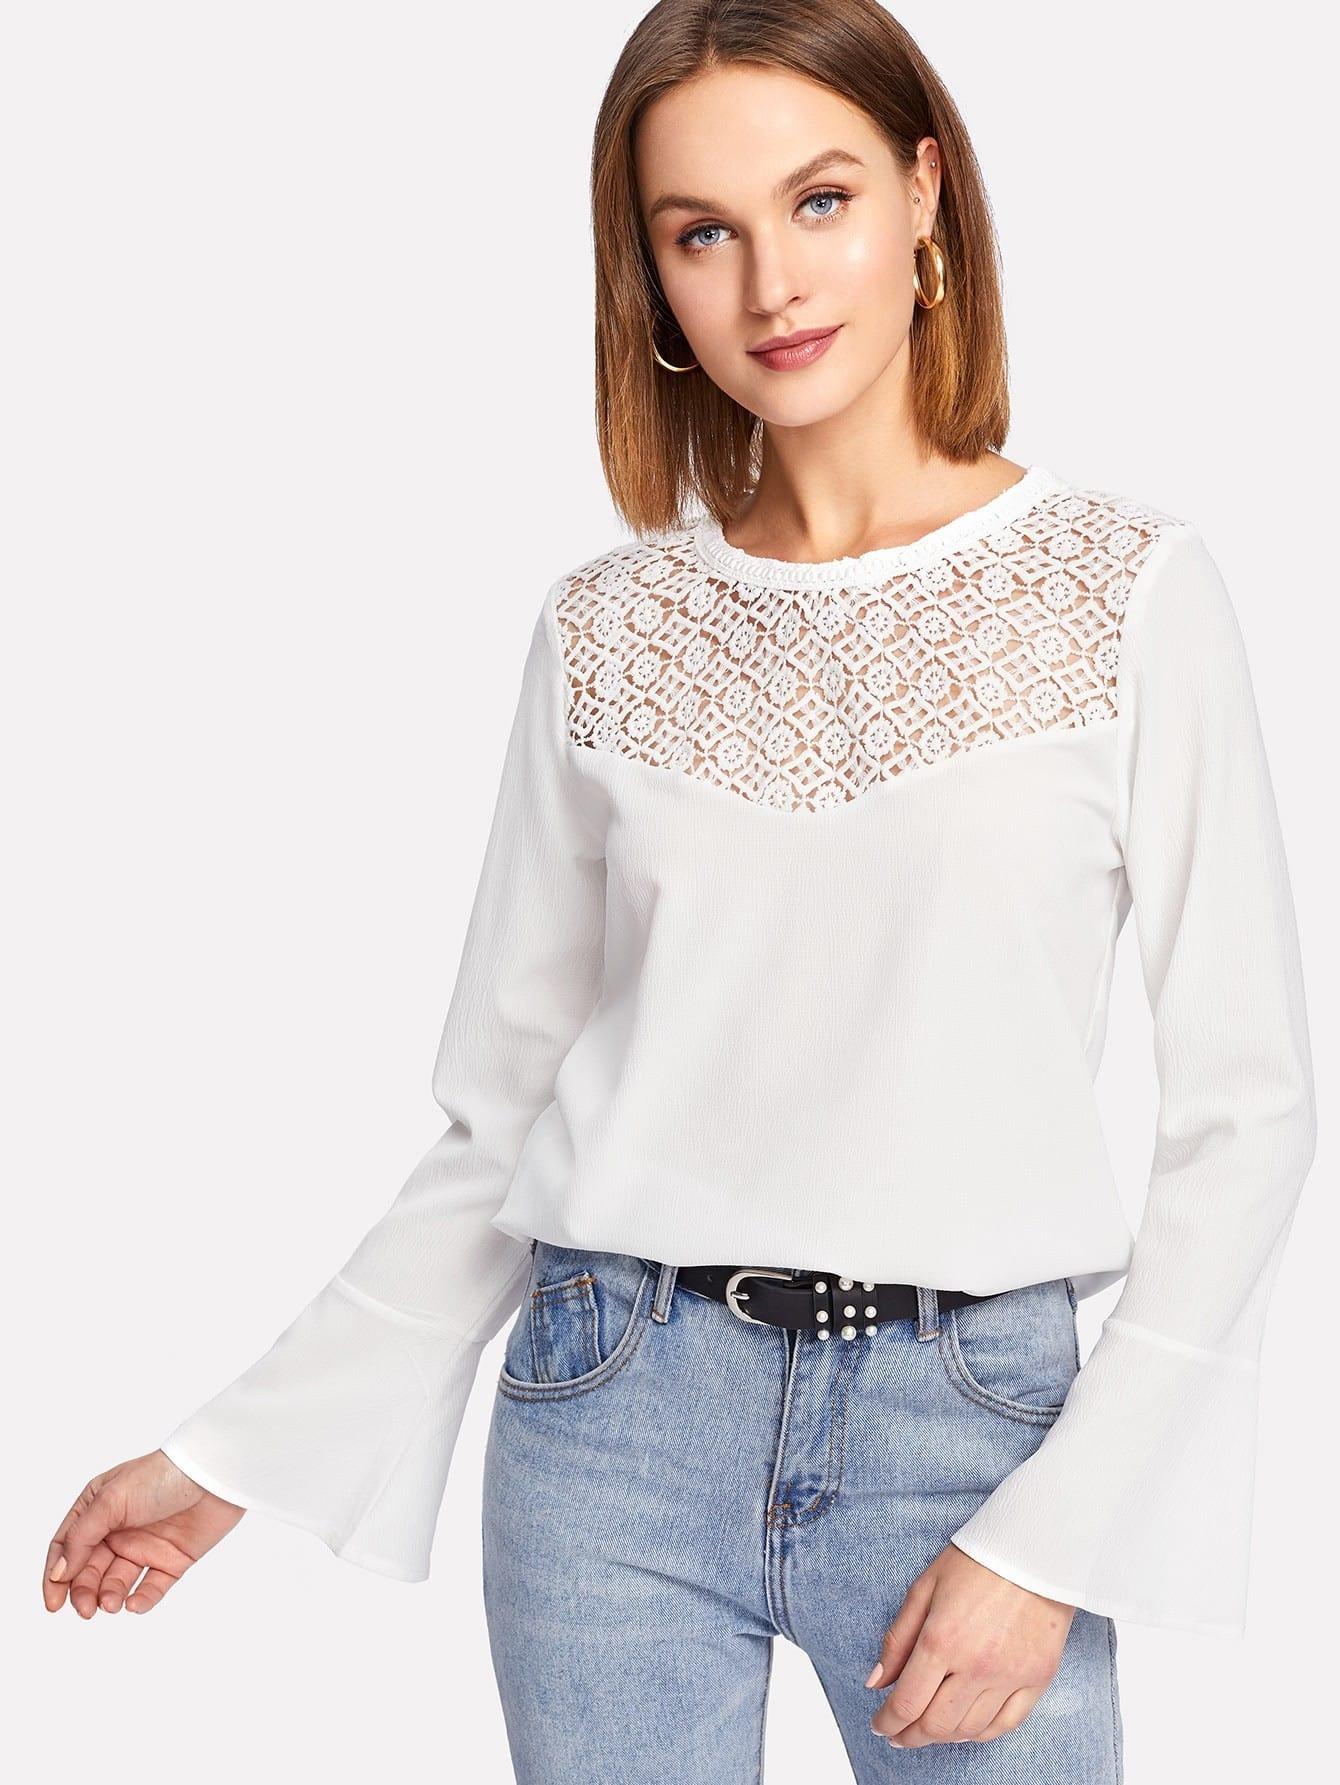 Geo Lace Insert Ruffle Cuff Blouse blouse171120455